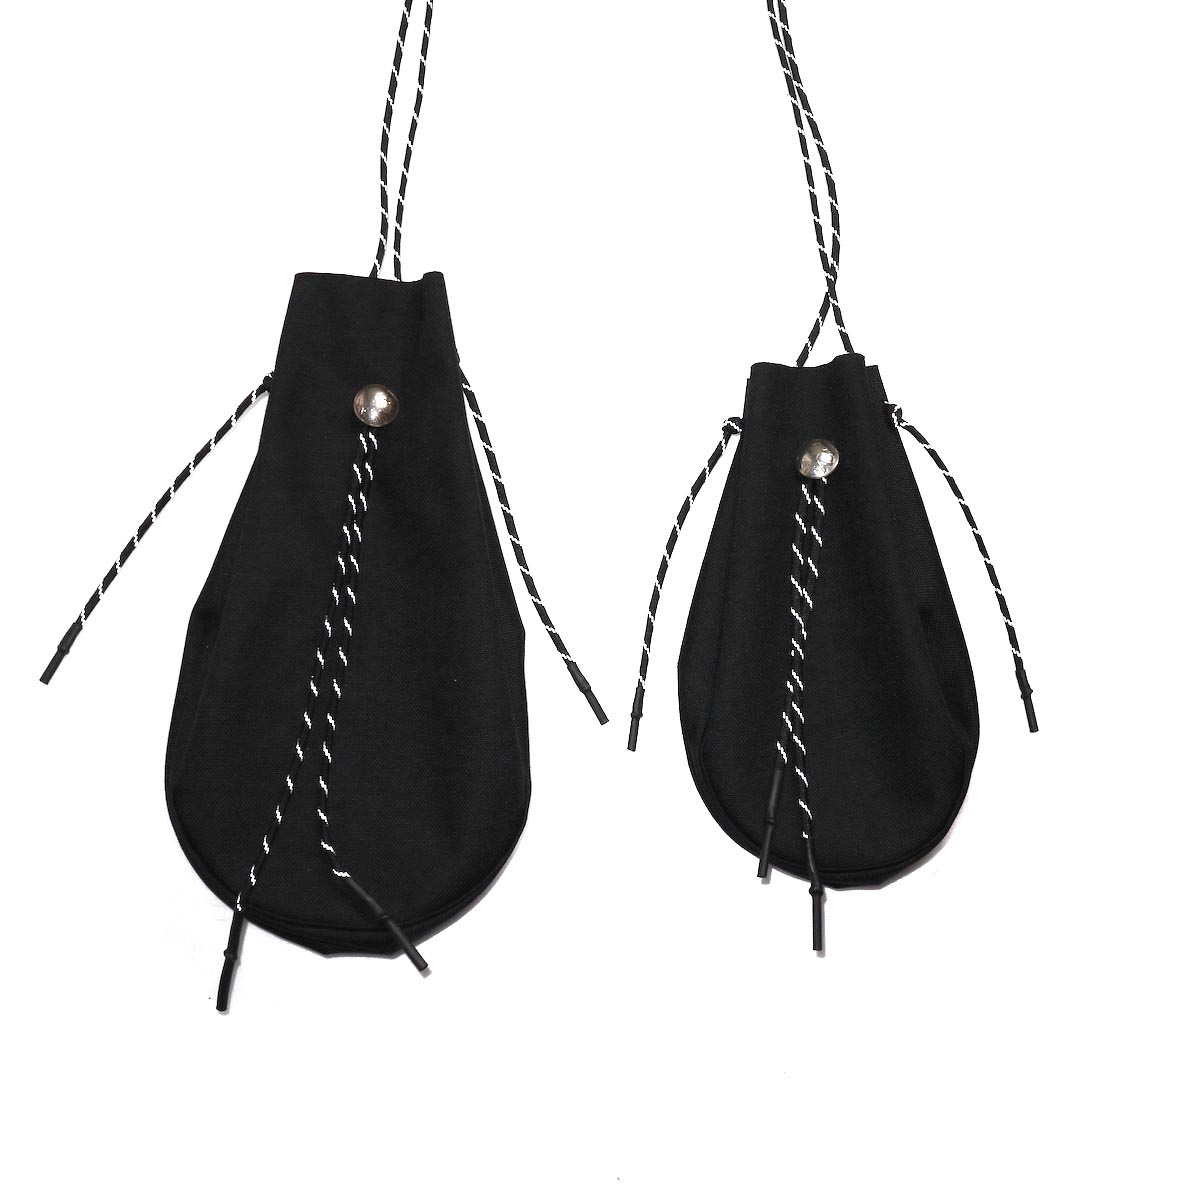 吉岡衣料店 / drawstring bag -L-. black Sとの比較